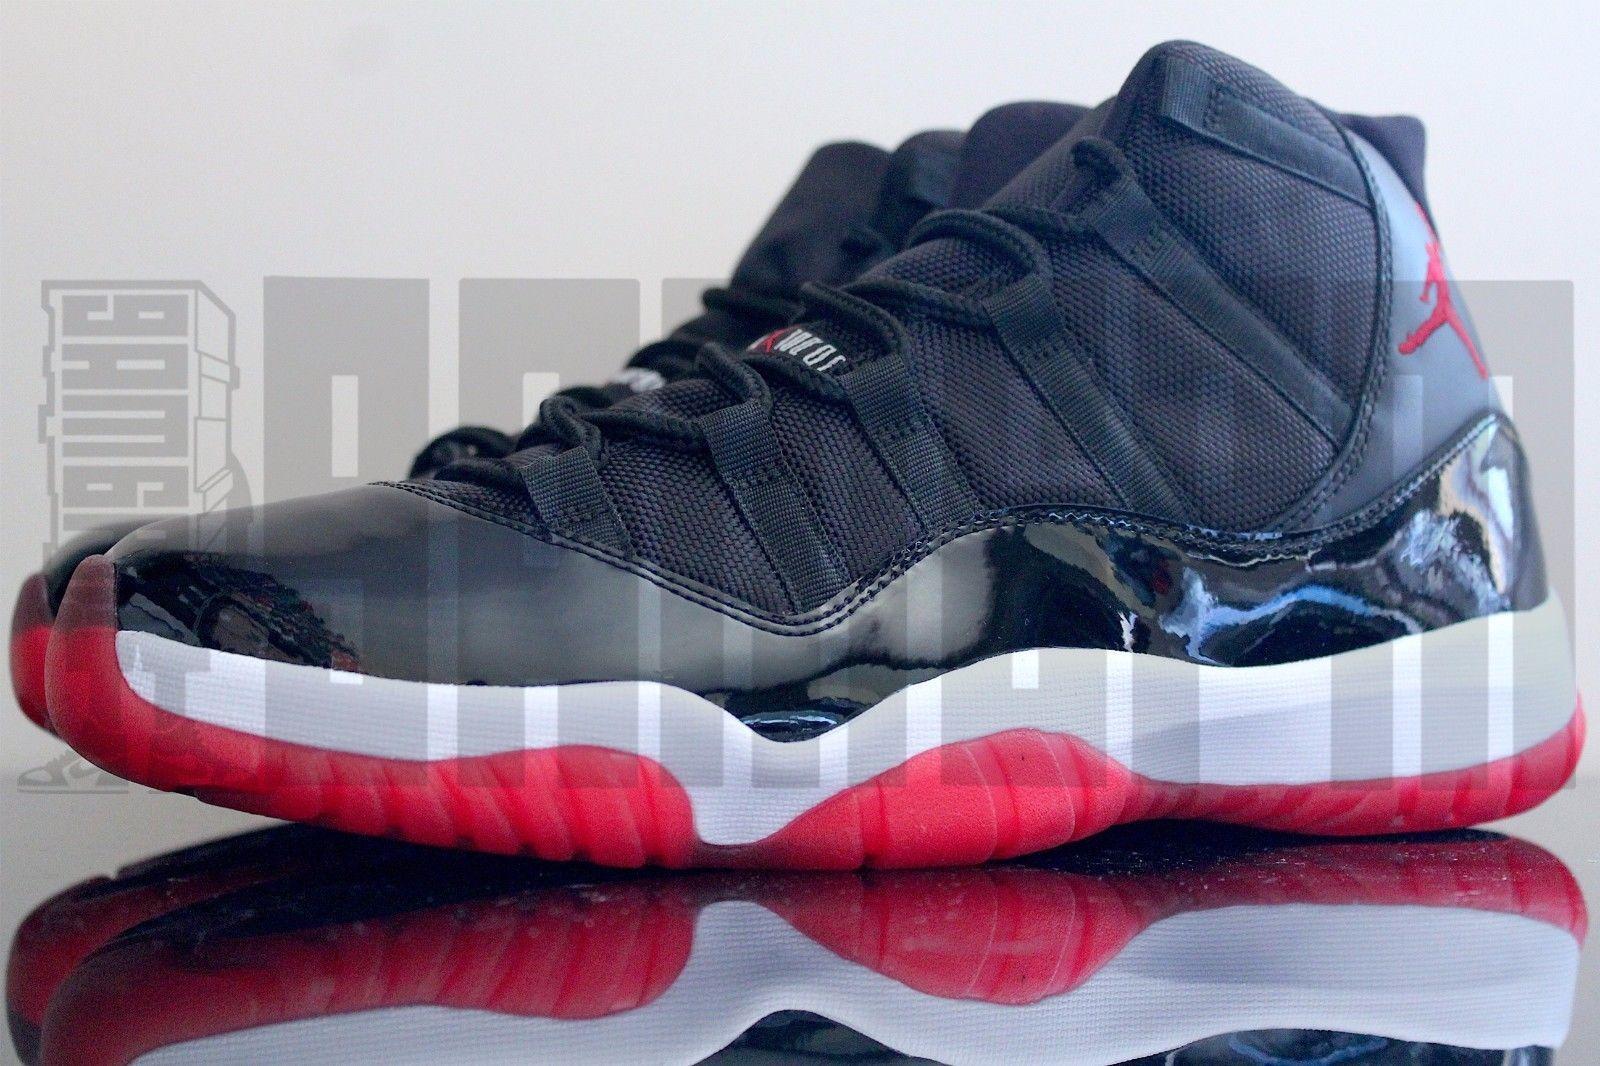 2012 Nike AIR JORDAN 11 RETRO BRED 9 10 11 BLACK RED concord spacejam gamma  aj11